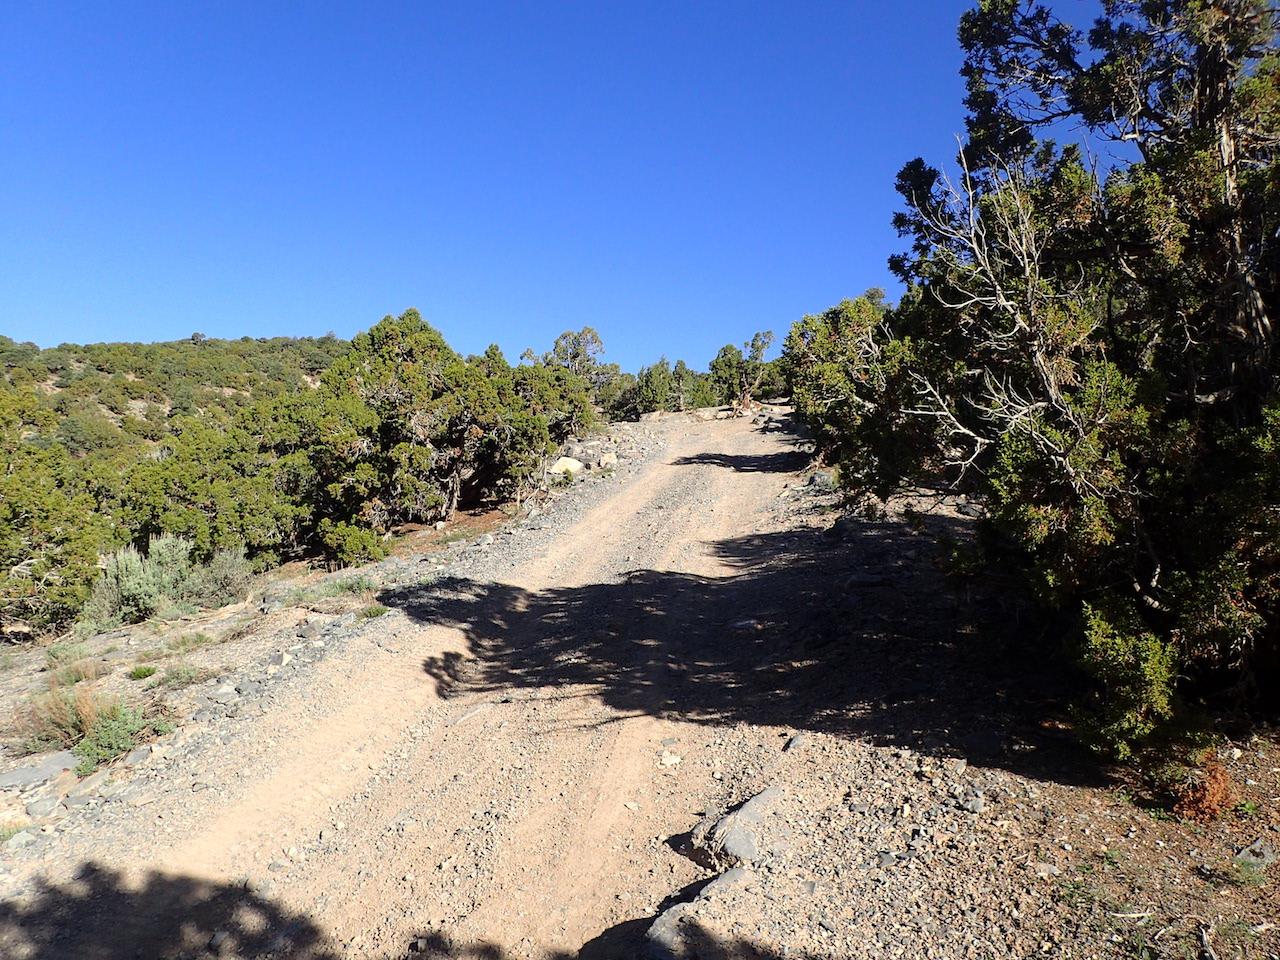 Sidewinder Exit - Waypoint 10: End